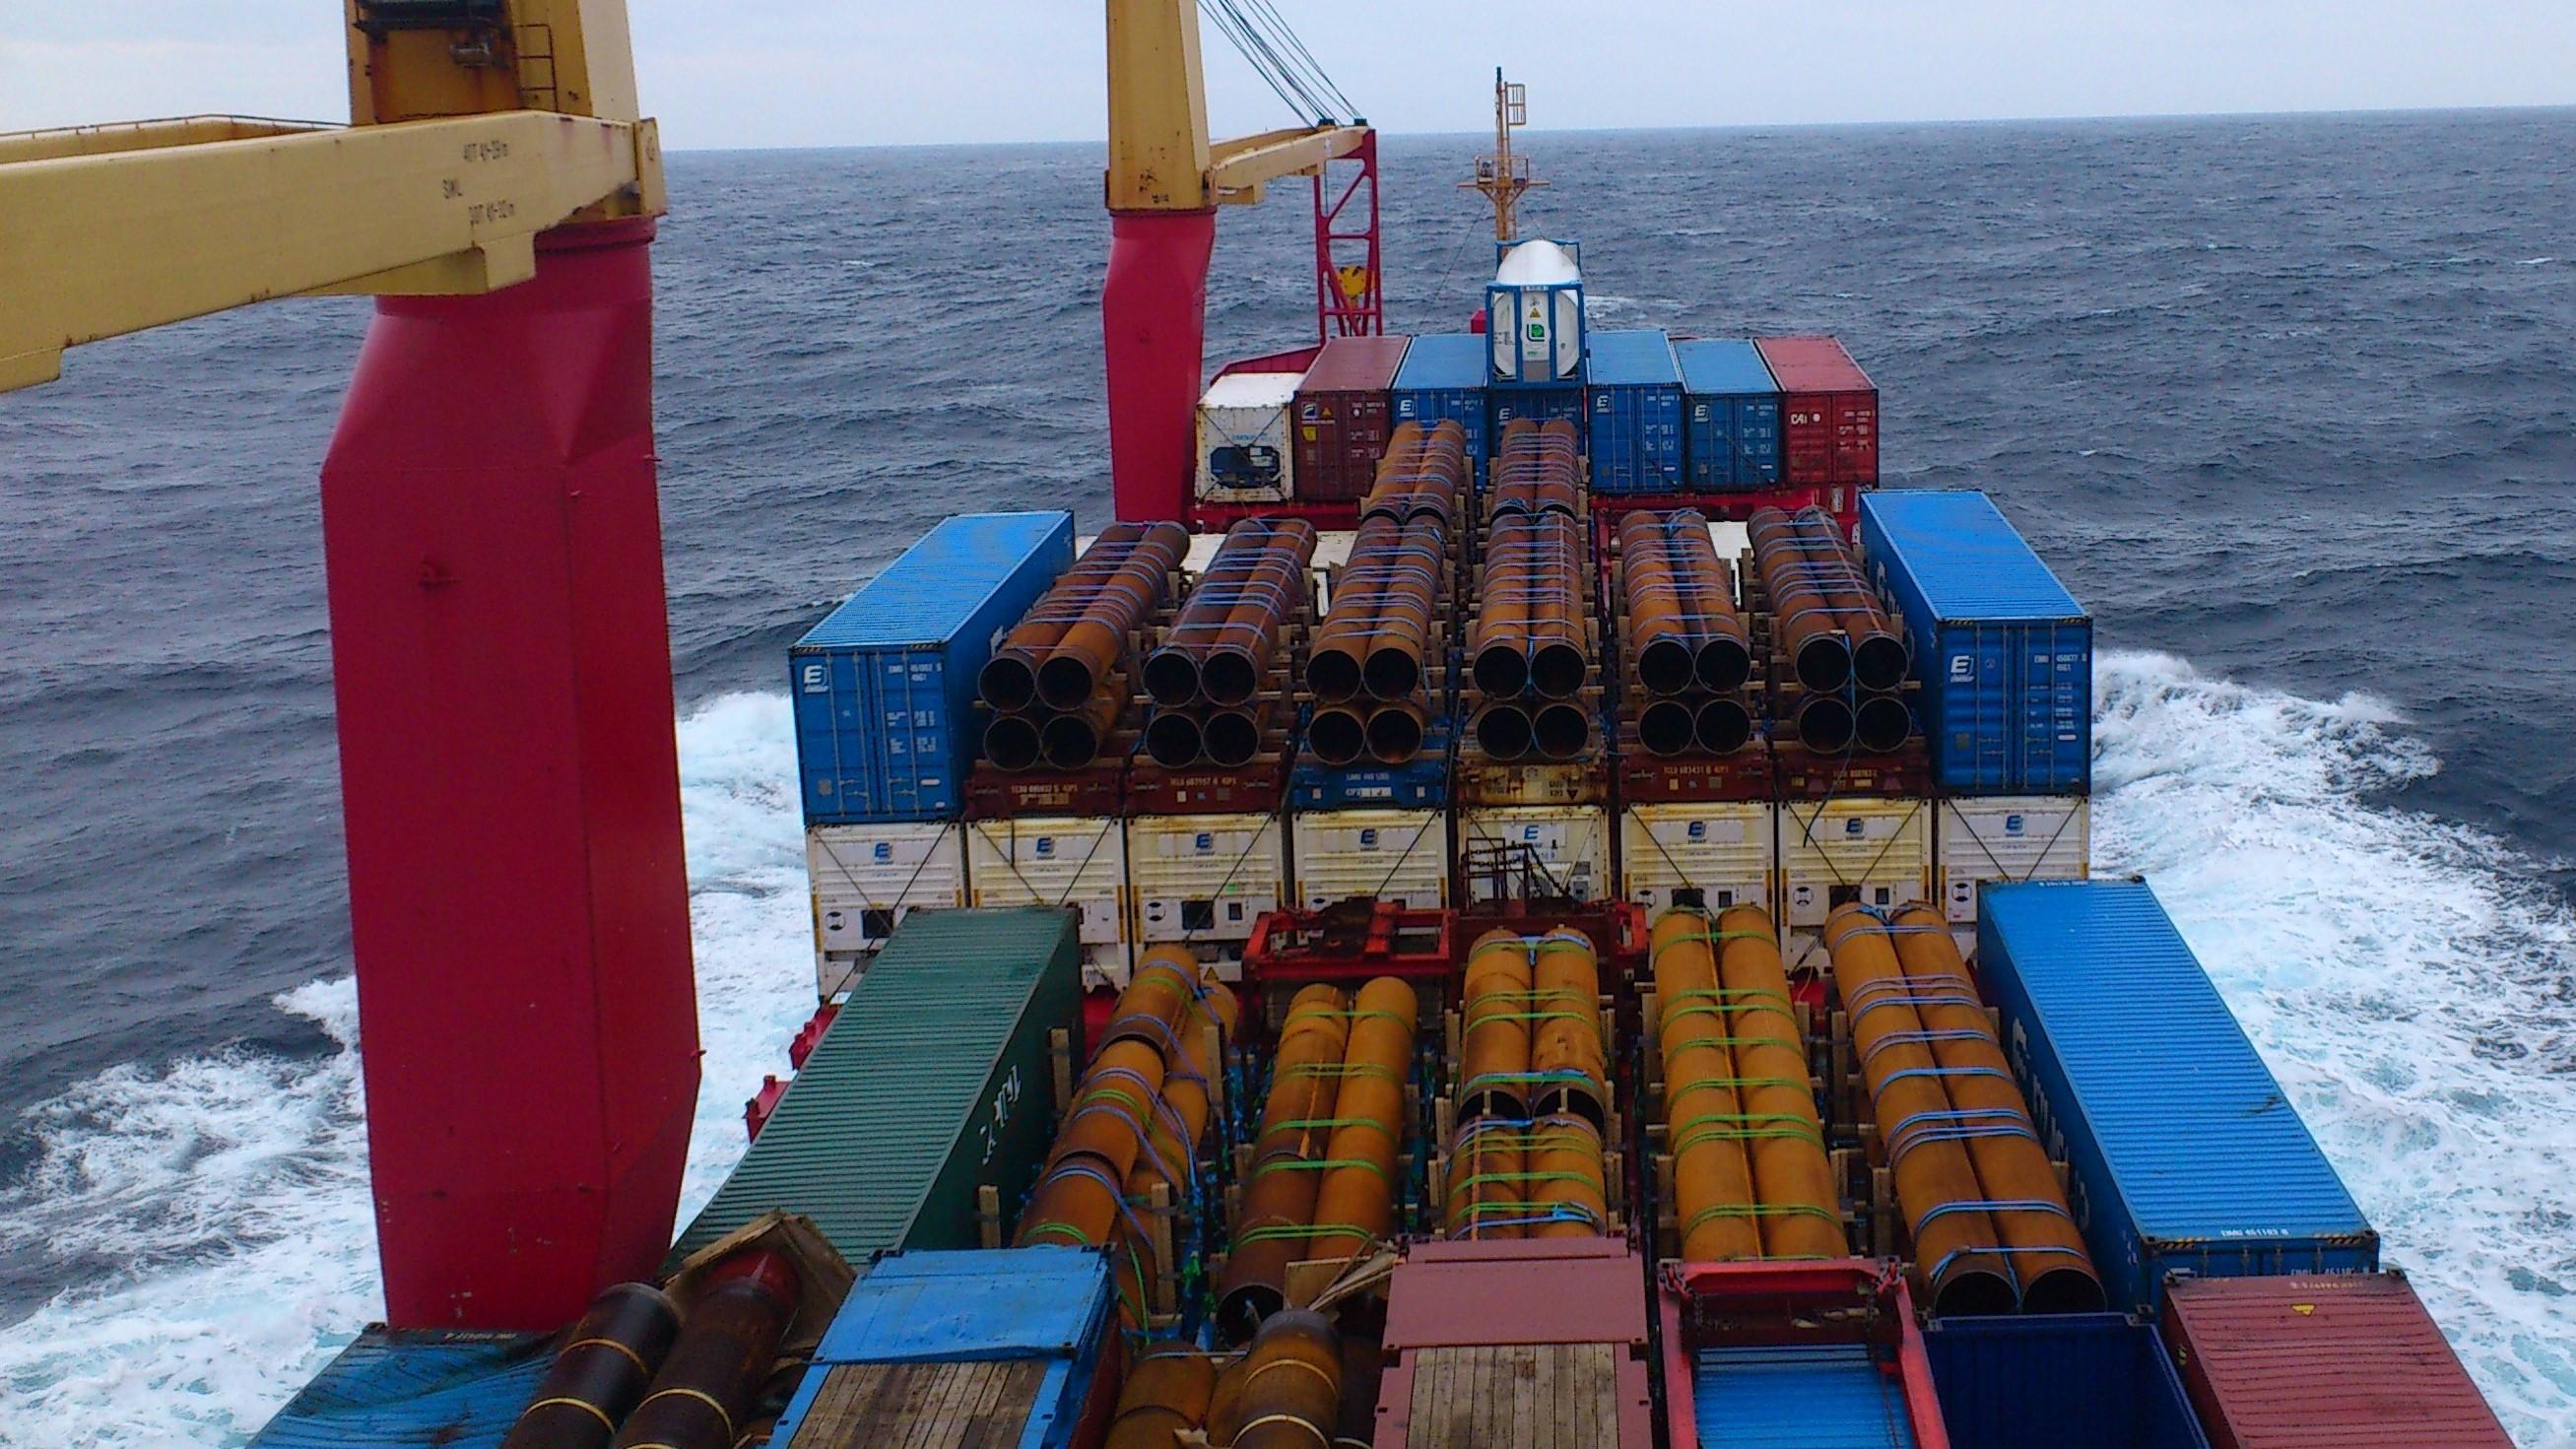 груз на палубе